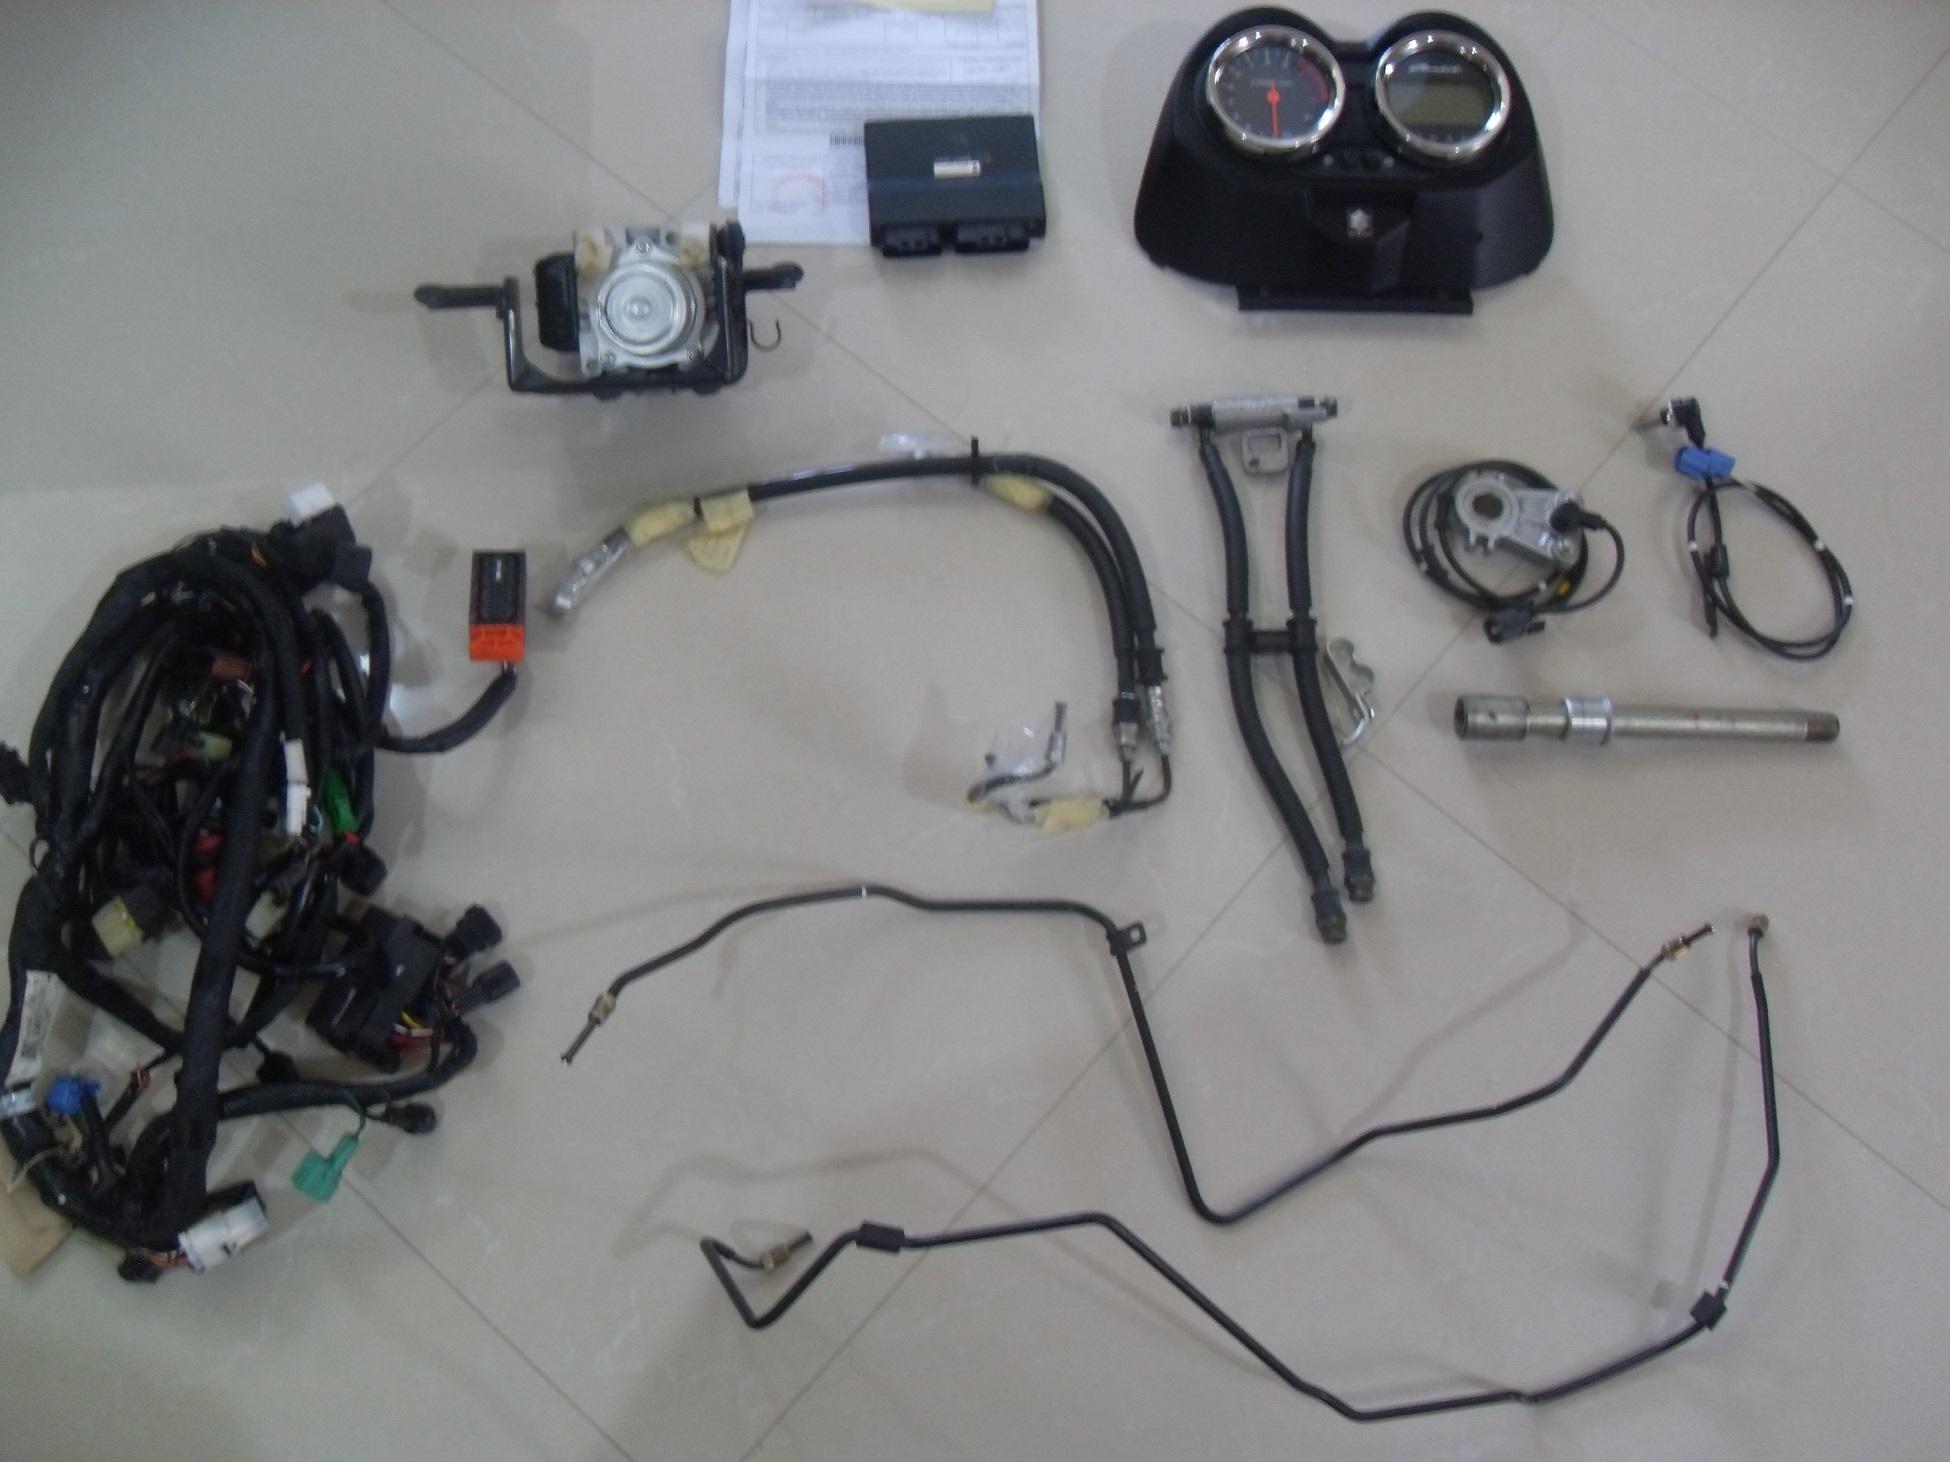 1ª BANDIT 650ie 09/10 DO BRASIL COM FREIO ABS O06ptx